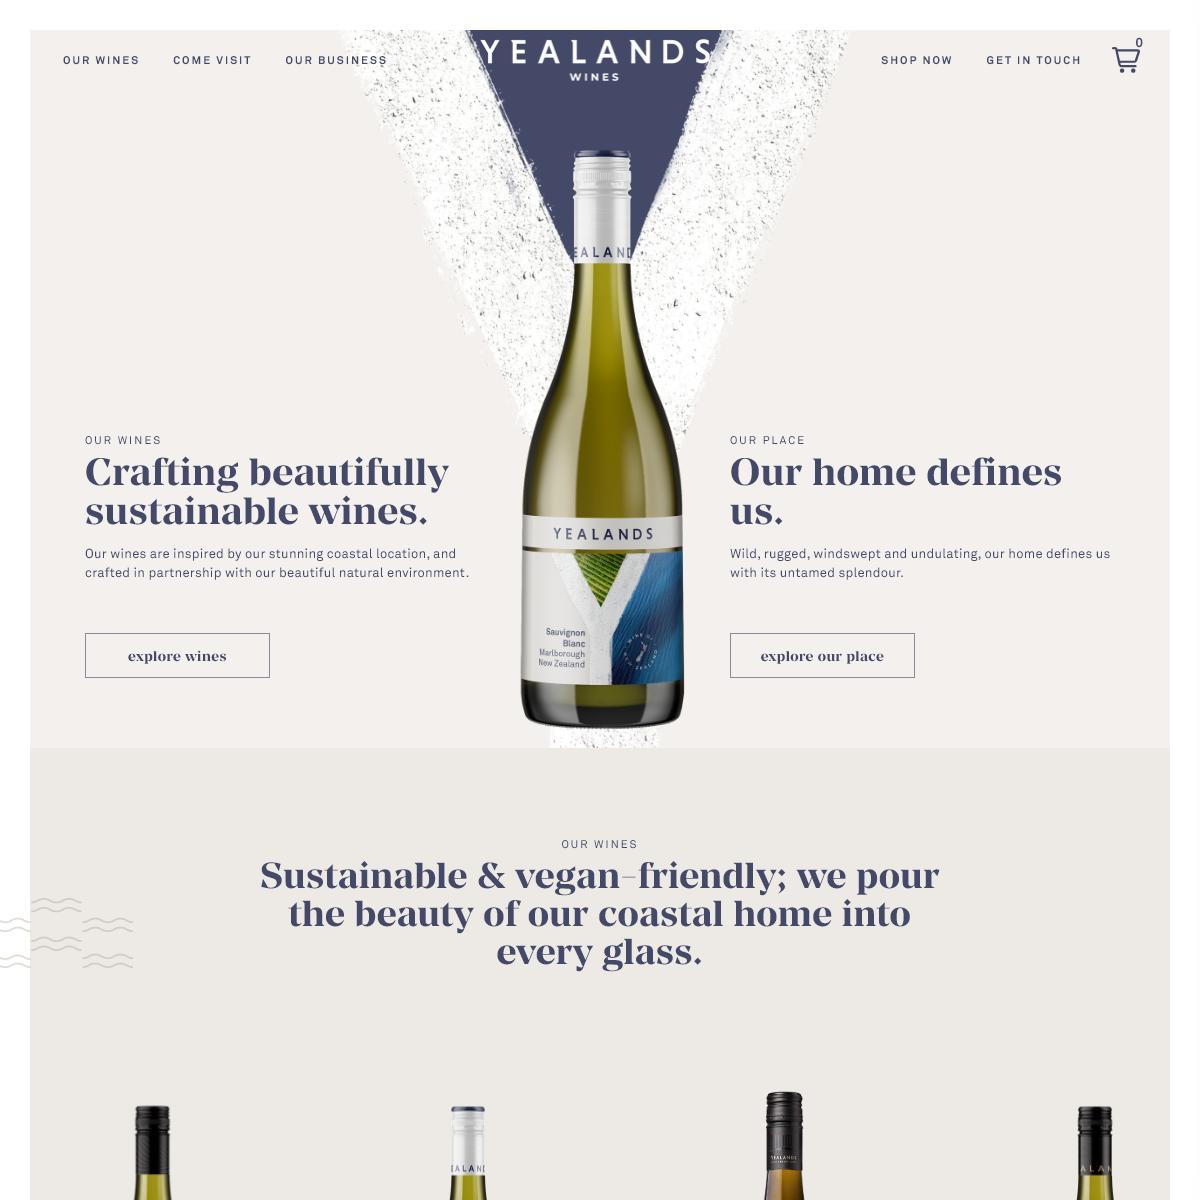 New Zealand Wine Online - Yealands Wine